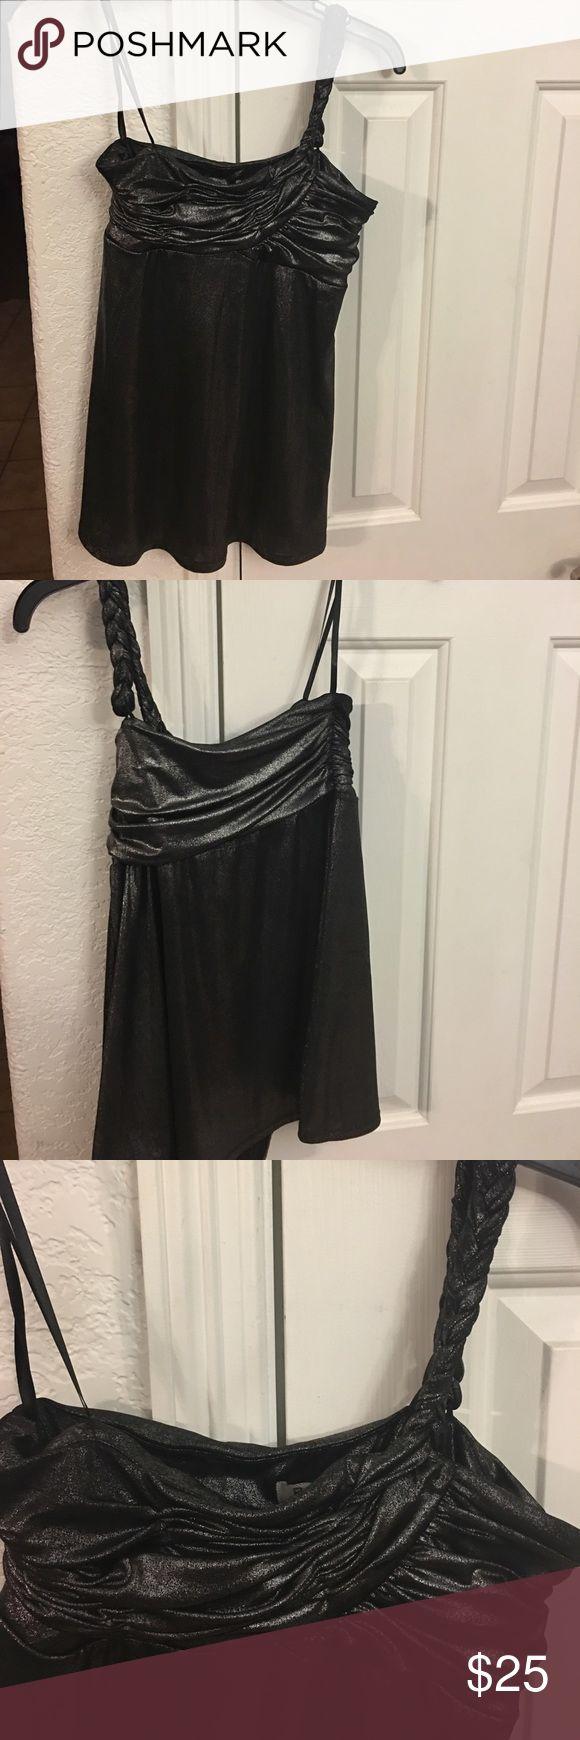 🔥SALE🔥BCBGeneration Shimmer one shoulder top  M BCBGeneration Shimmer Top One Shoulder braided shoulder strap Shimmer dark pewter gray Medium BCBGeneration Tops